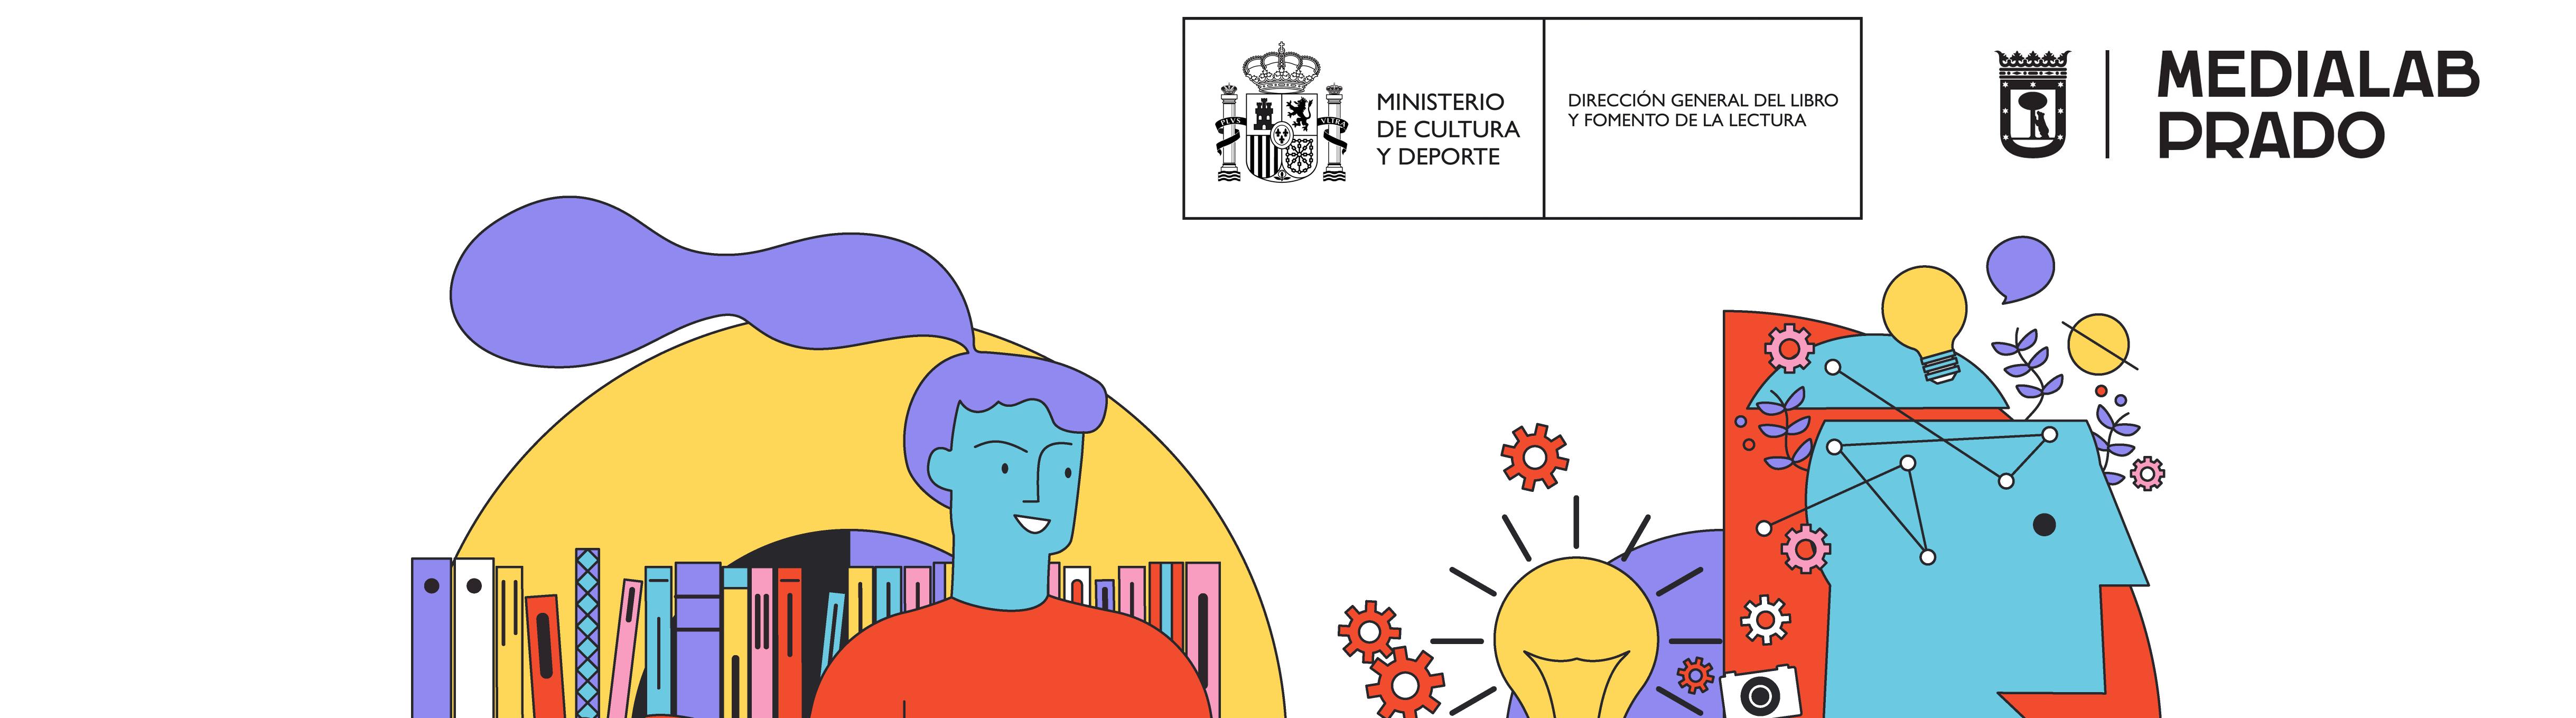 Curso online de laboratorio ciudadano Medialab Prado